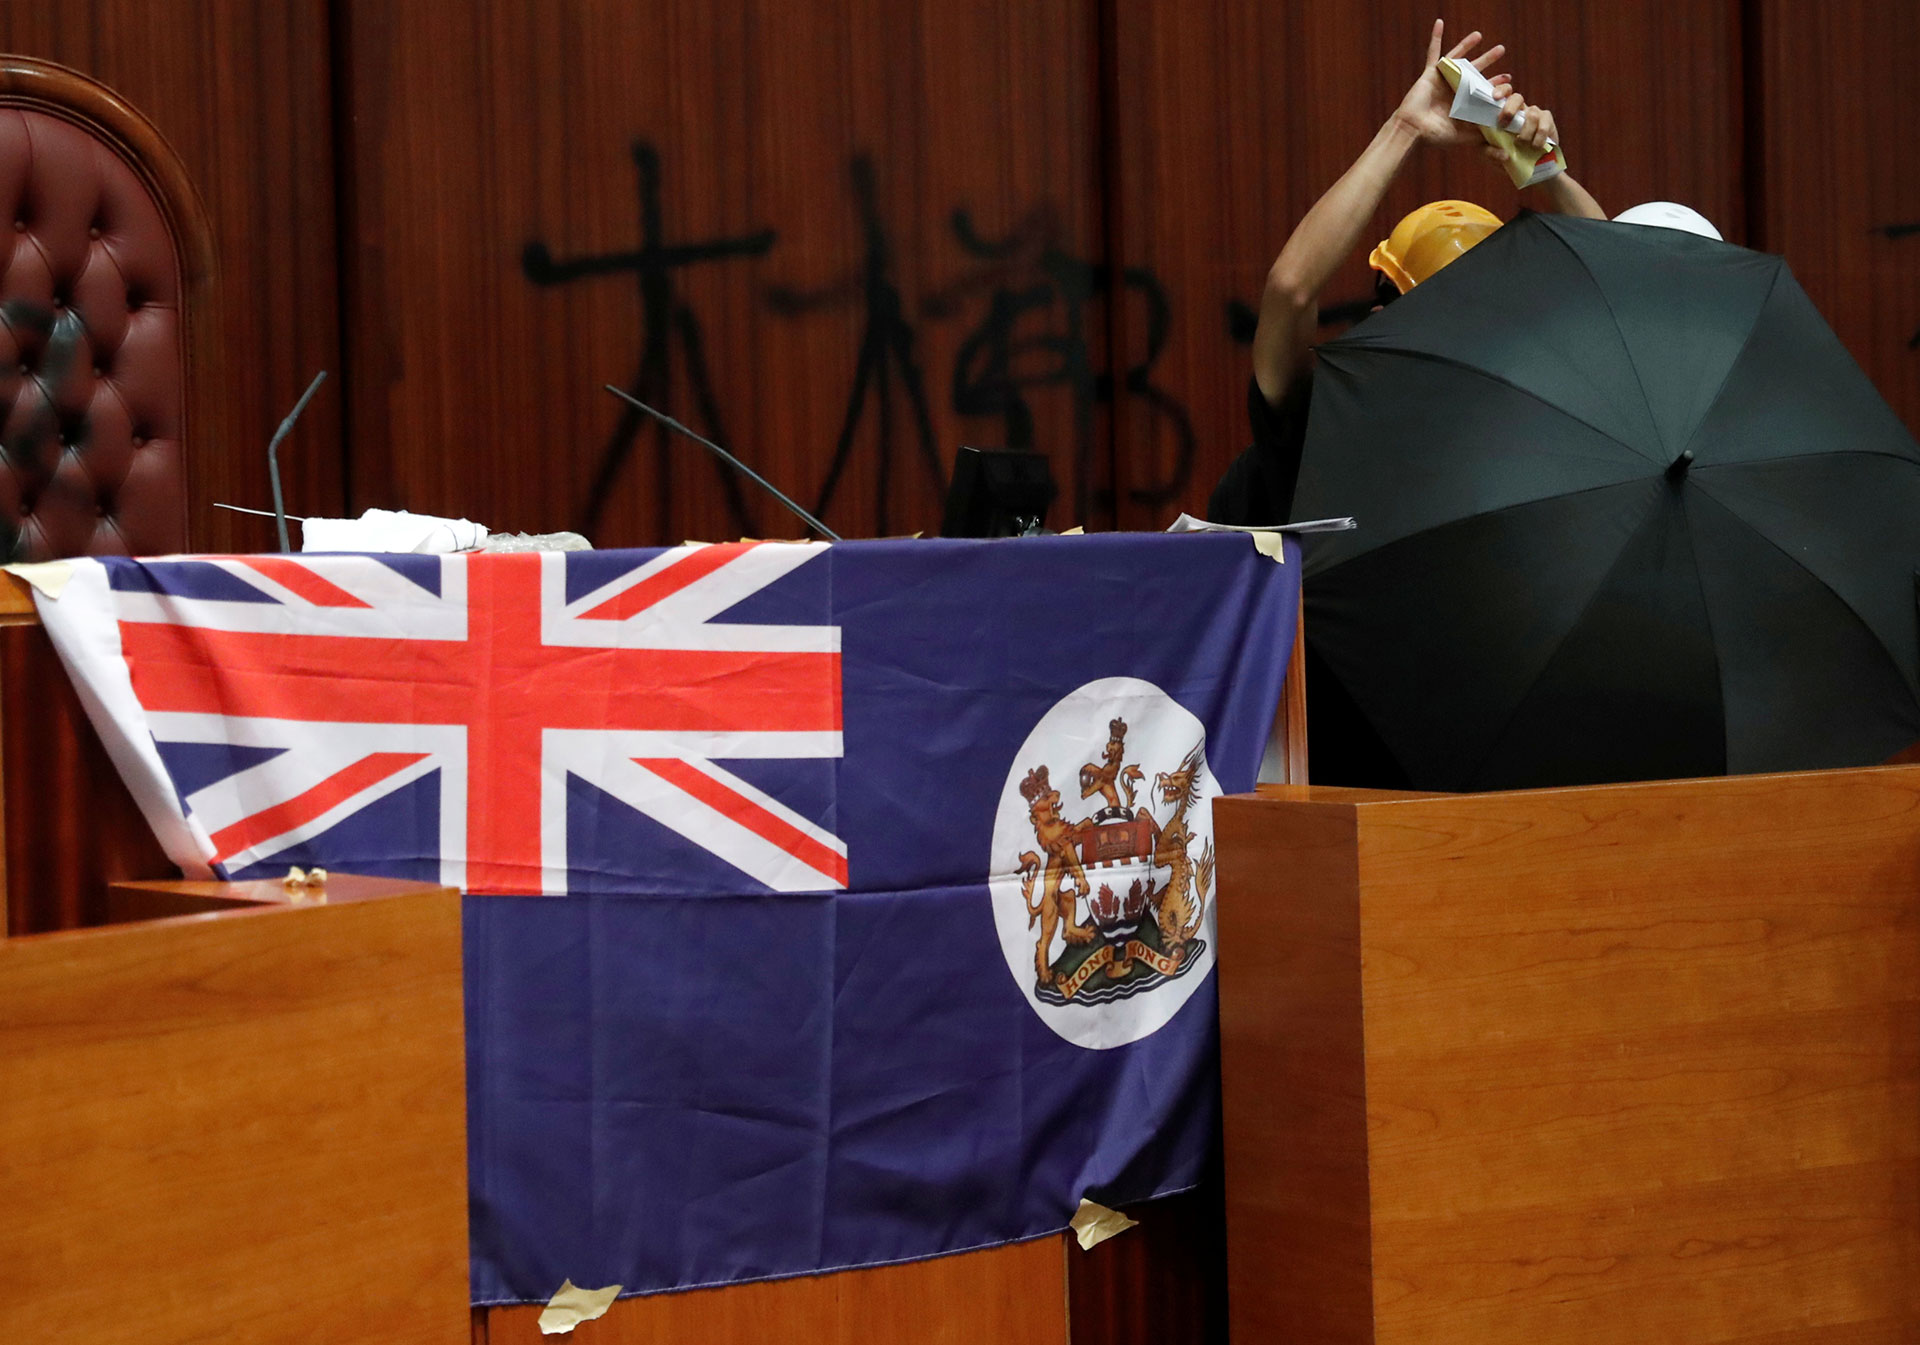 Una persona rasga un libro de la Ley Básica de Hong Kong mientras está al lado de una bandera colonial del país desplegada dentro de la cámara legislativa. (Reuters/ Tyrone Siu)